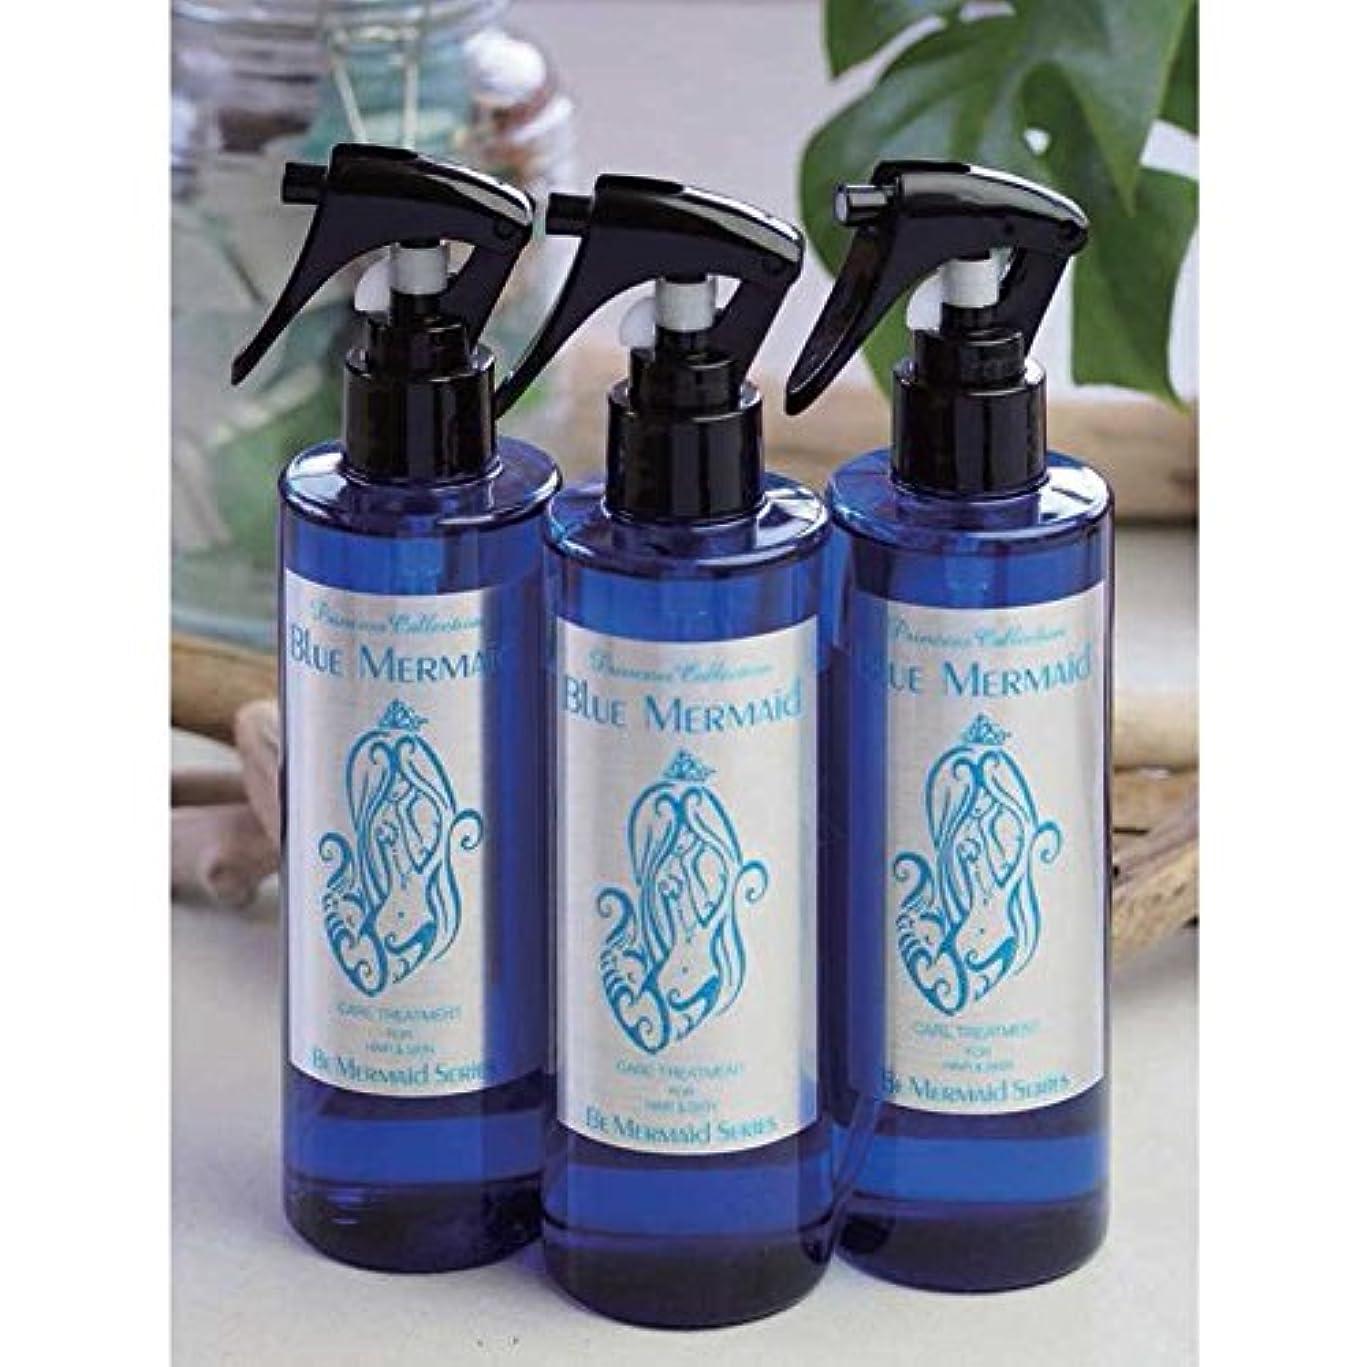 兄弟愛仮装ドットCARE TREATMENT Blue Mermaid ブルー?マーメイド 保湿化粧水